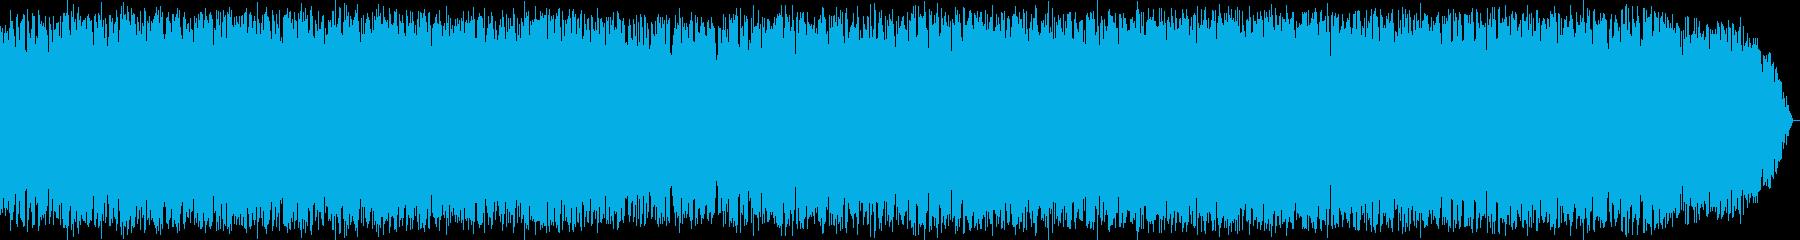 孤独なイメージ 哀愁の竹笛の音楽の再生済みの波形